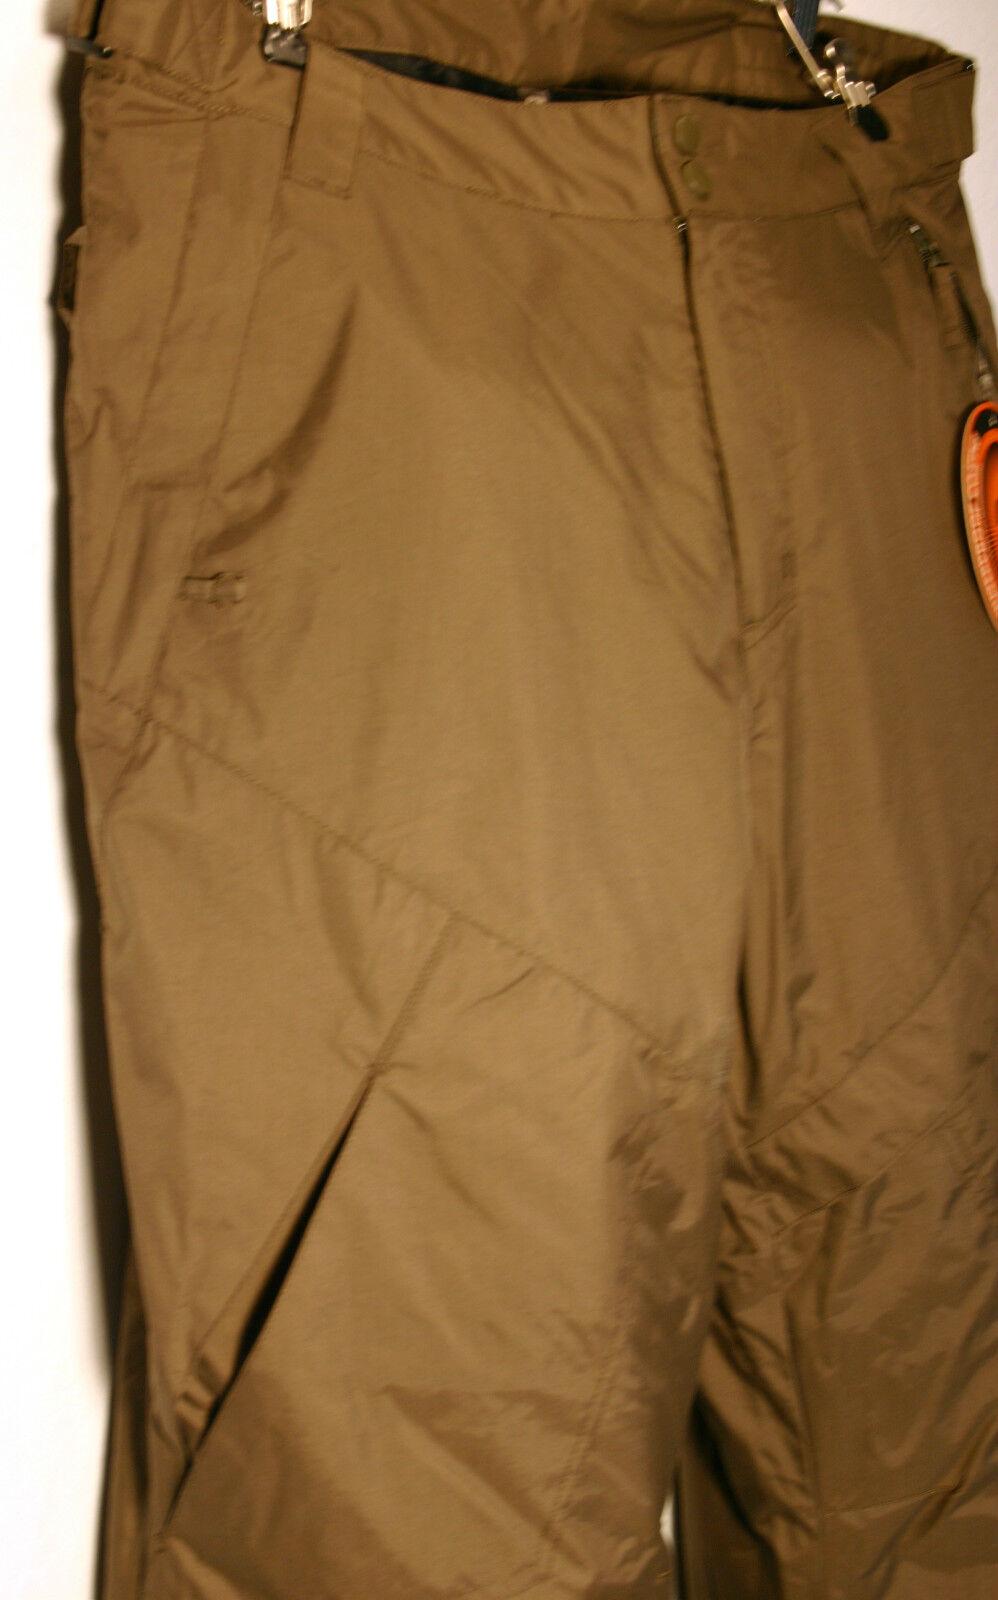 Billabong Billabong Billabong CAT Boardhose Snowboardhose Skihose Boardpant Herren NEU XL Oliv 3862ea